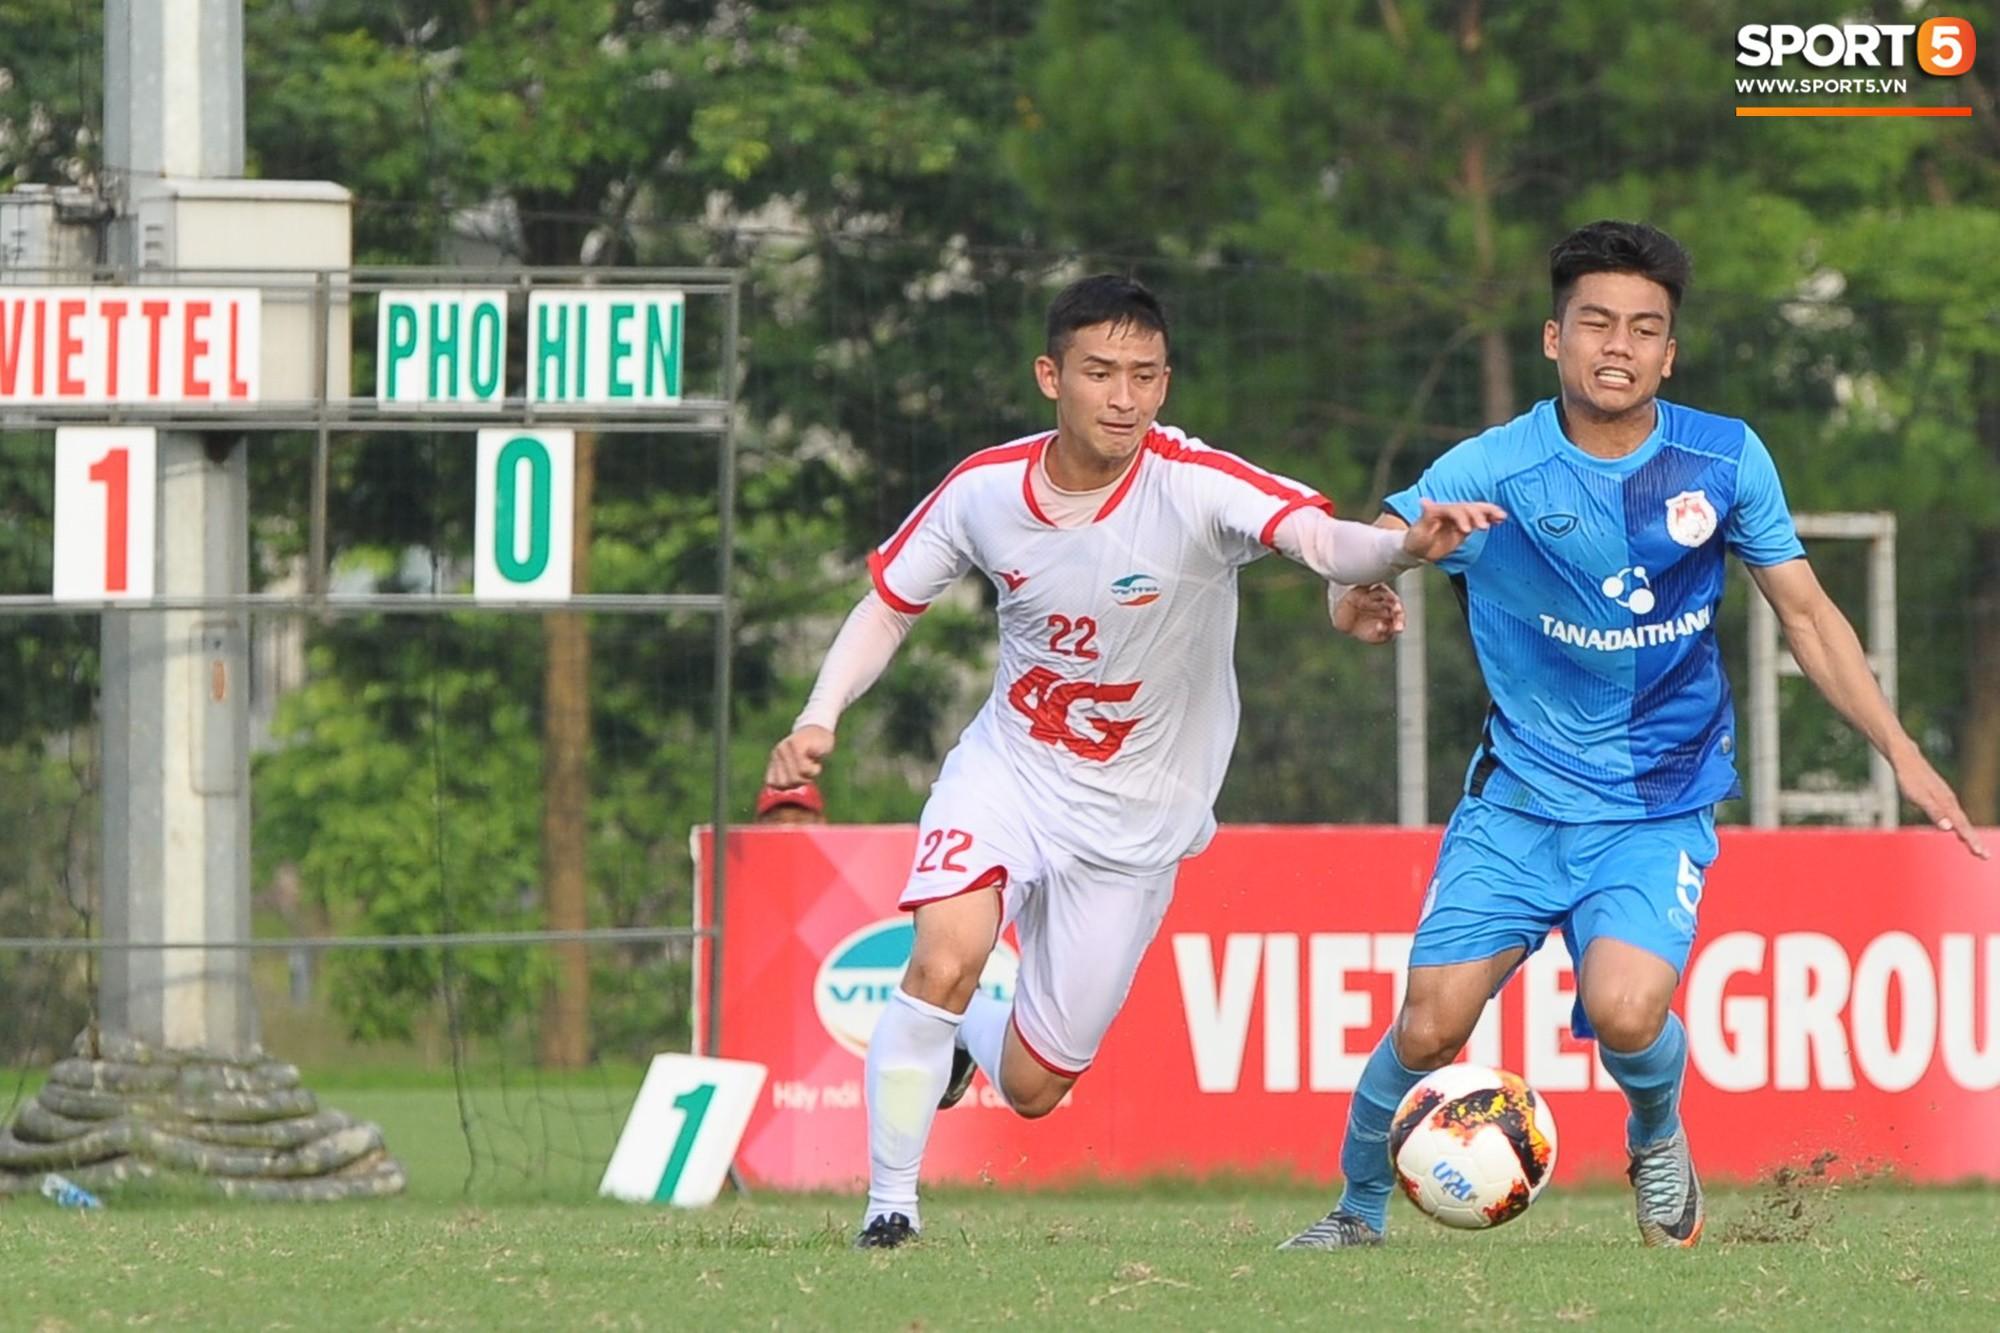 Sao trẻ U23 lập công, Viettel để Phố Hiến cầm hòa 1-1 trong ngày khai mạc giải U21 Quốc gia - Ảnh 8.